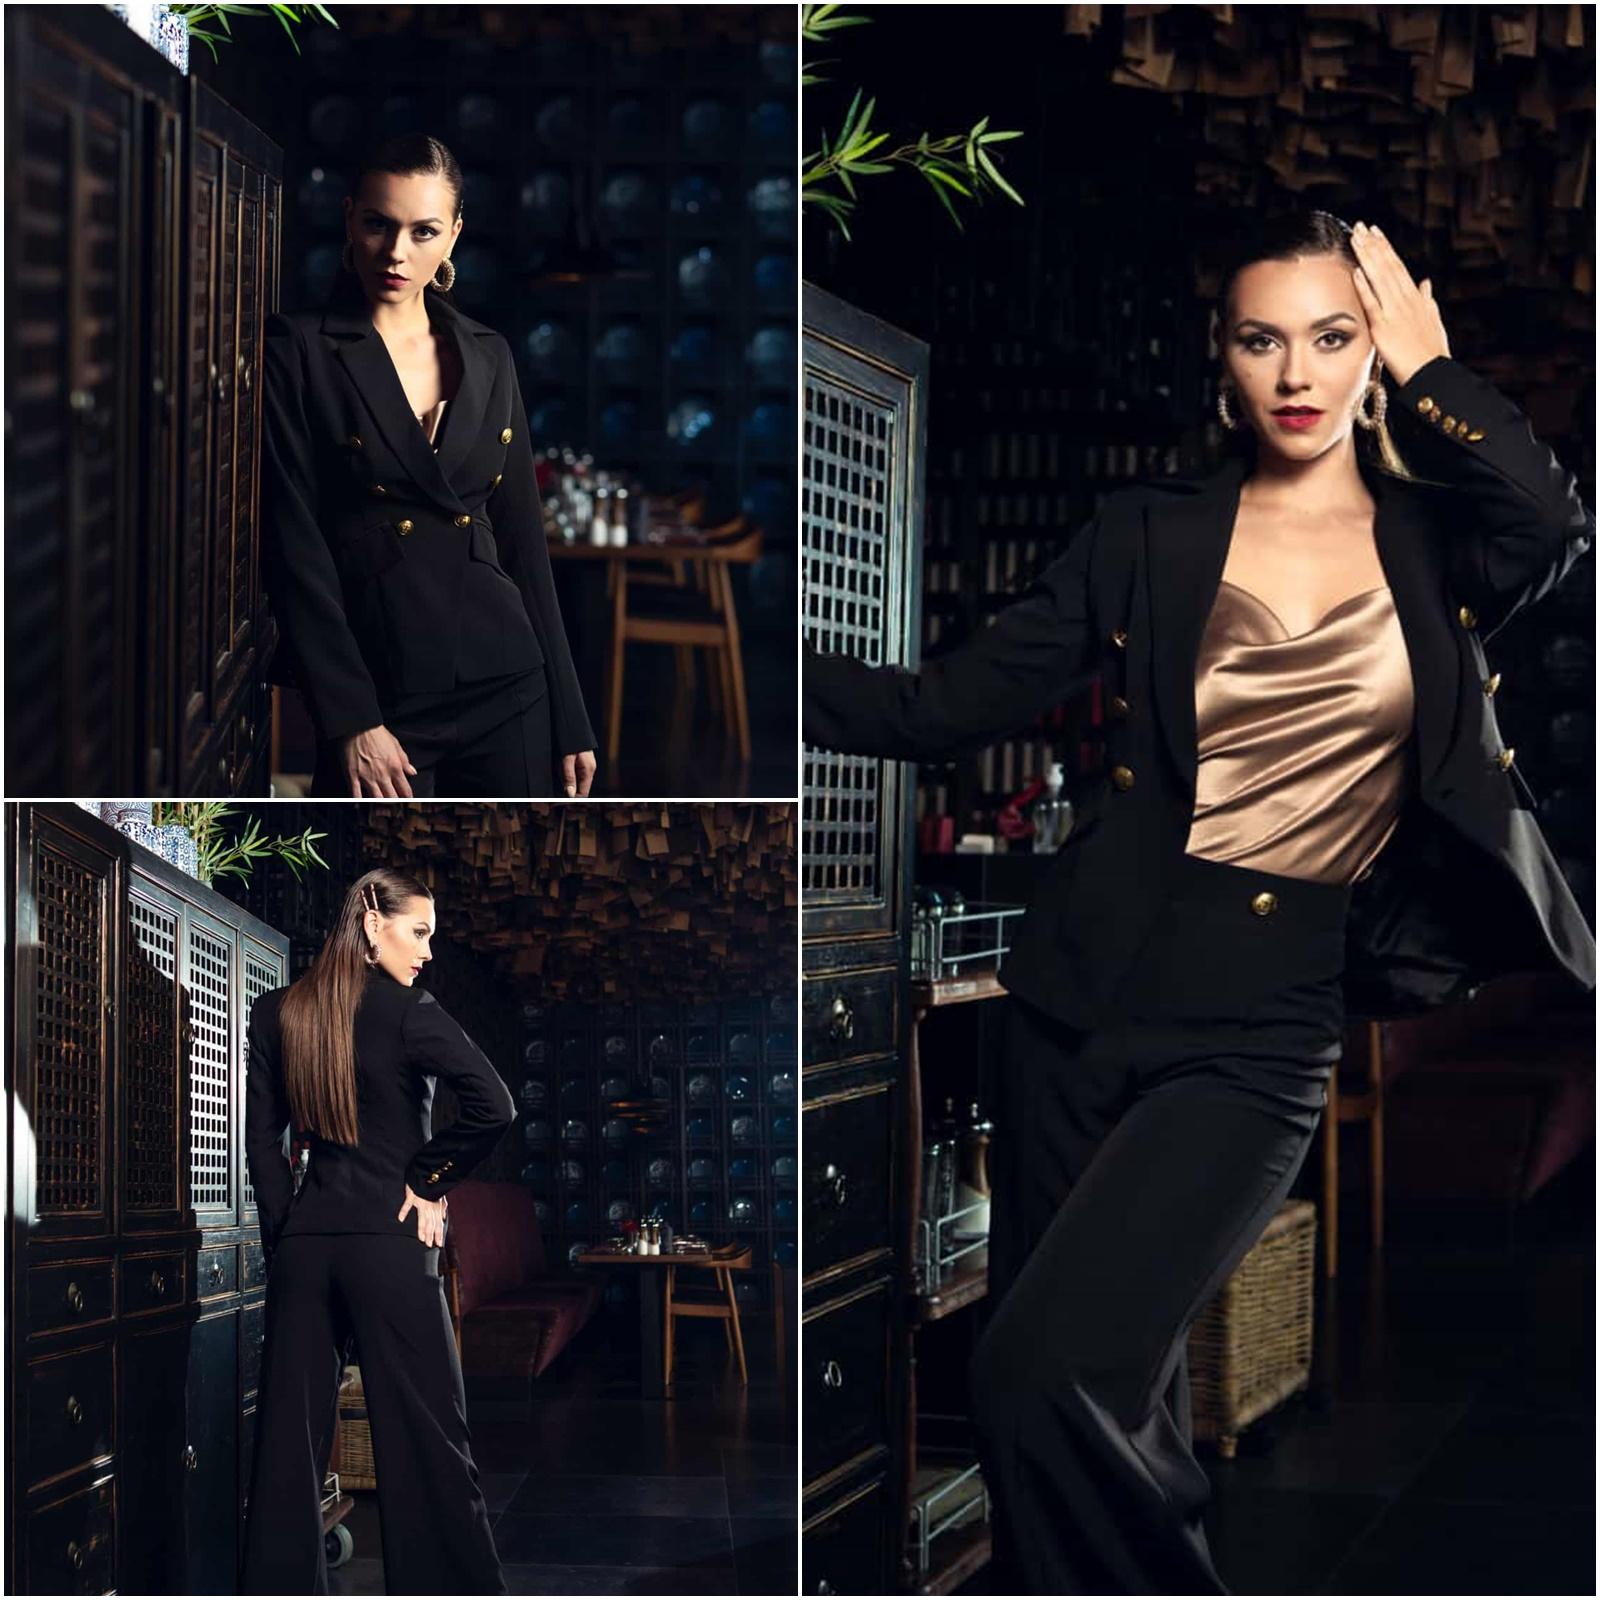 Изискана комбинация между черно и тофифи за акцент. Златните копчета на сакото и панталона допълват визията.